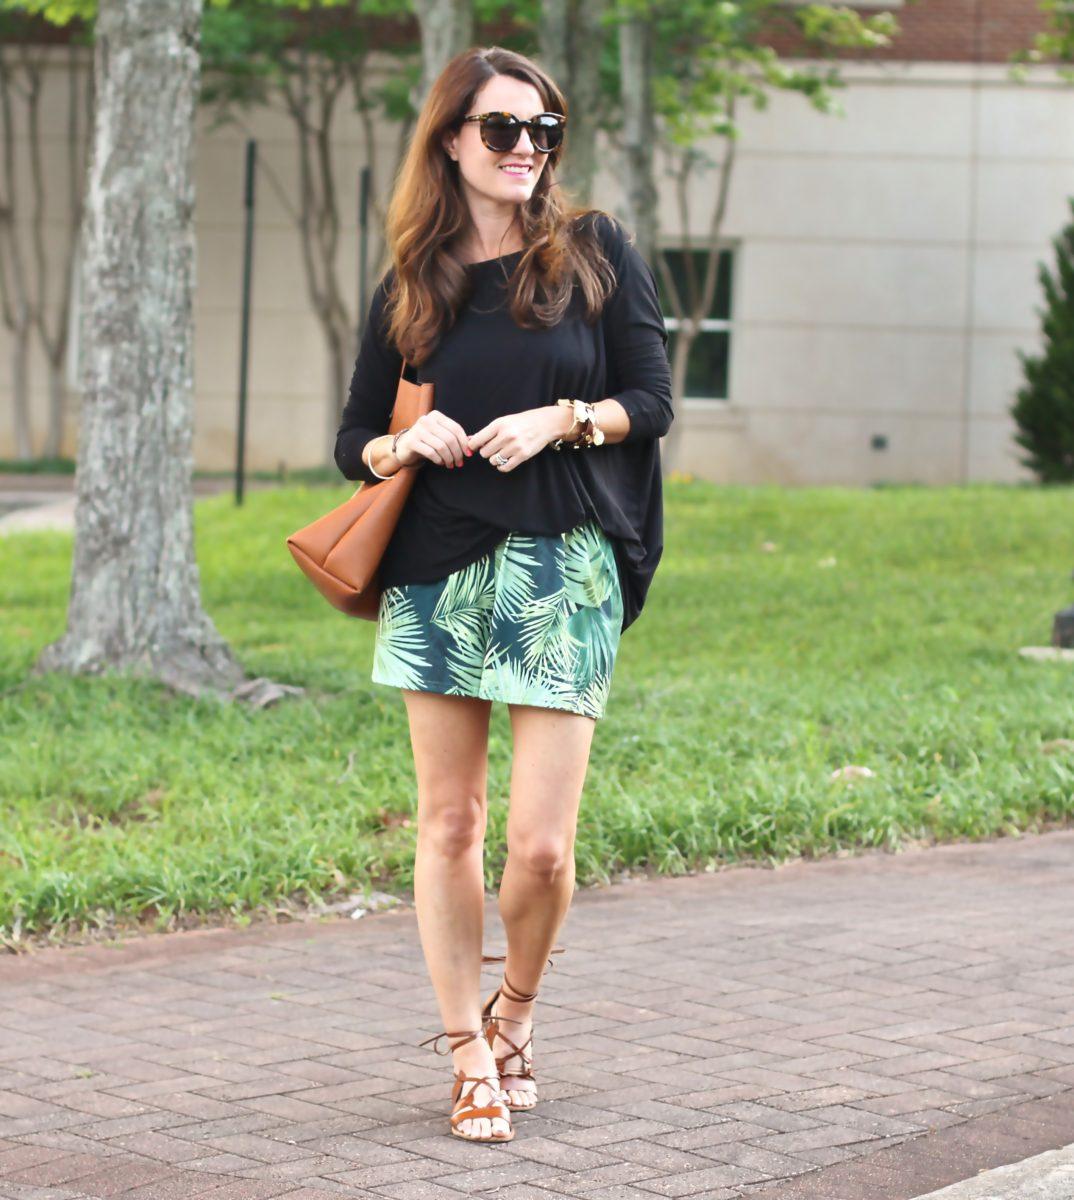 Women's Summe Fashion via Peaches In A Pod blog.